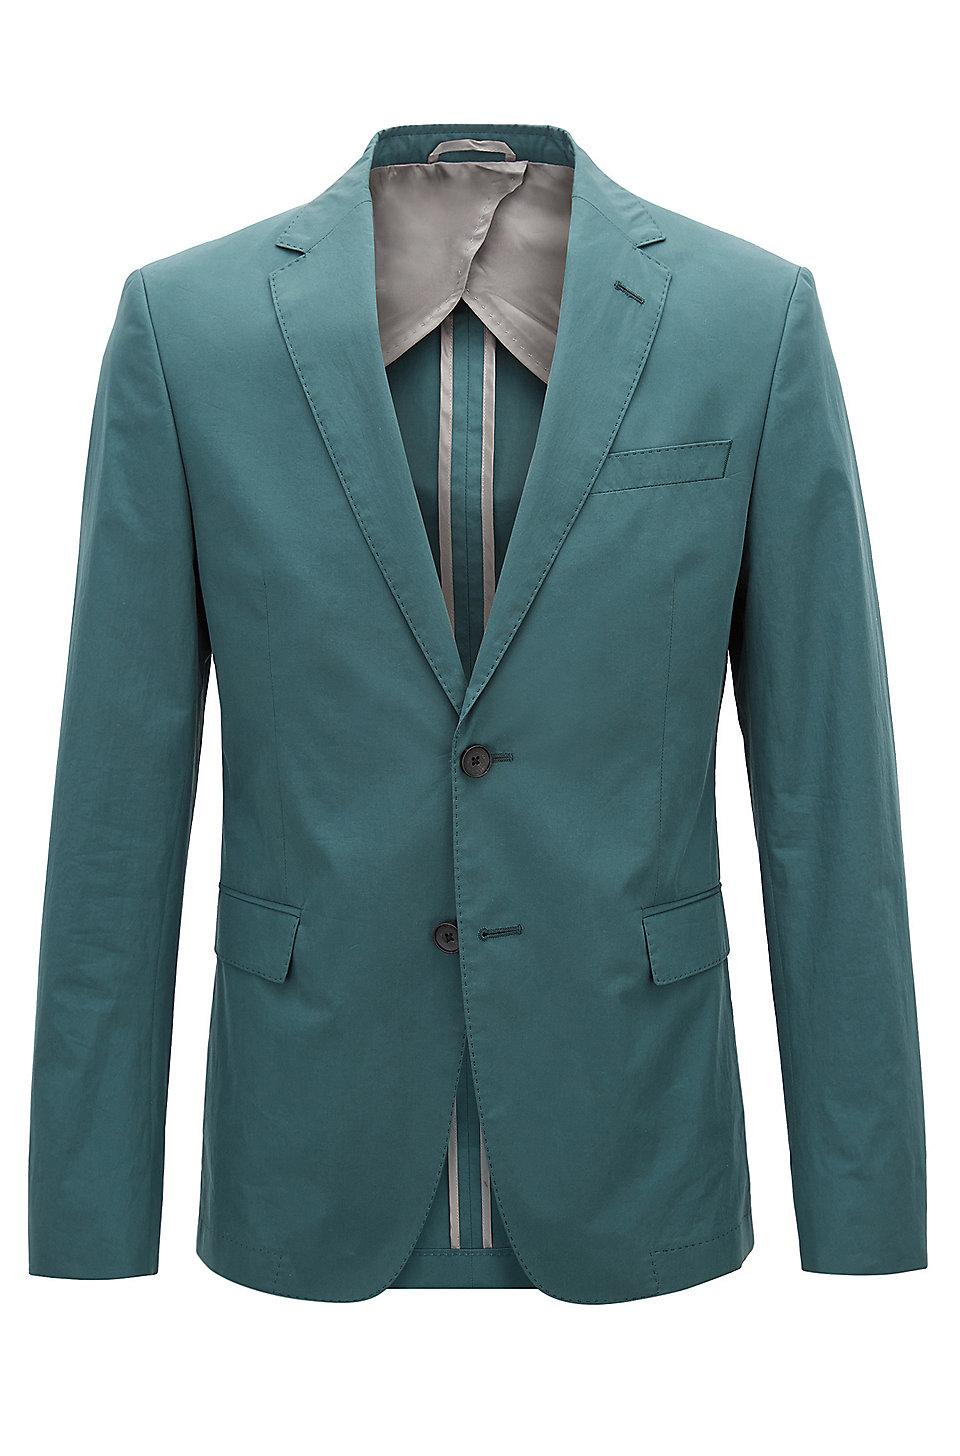 BOSS - Slim-fit blazer in paper-touch cotton poplin